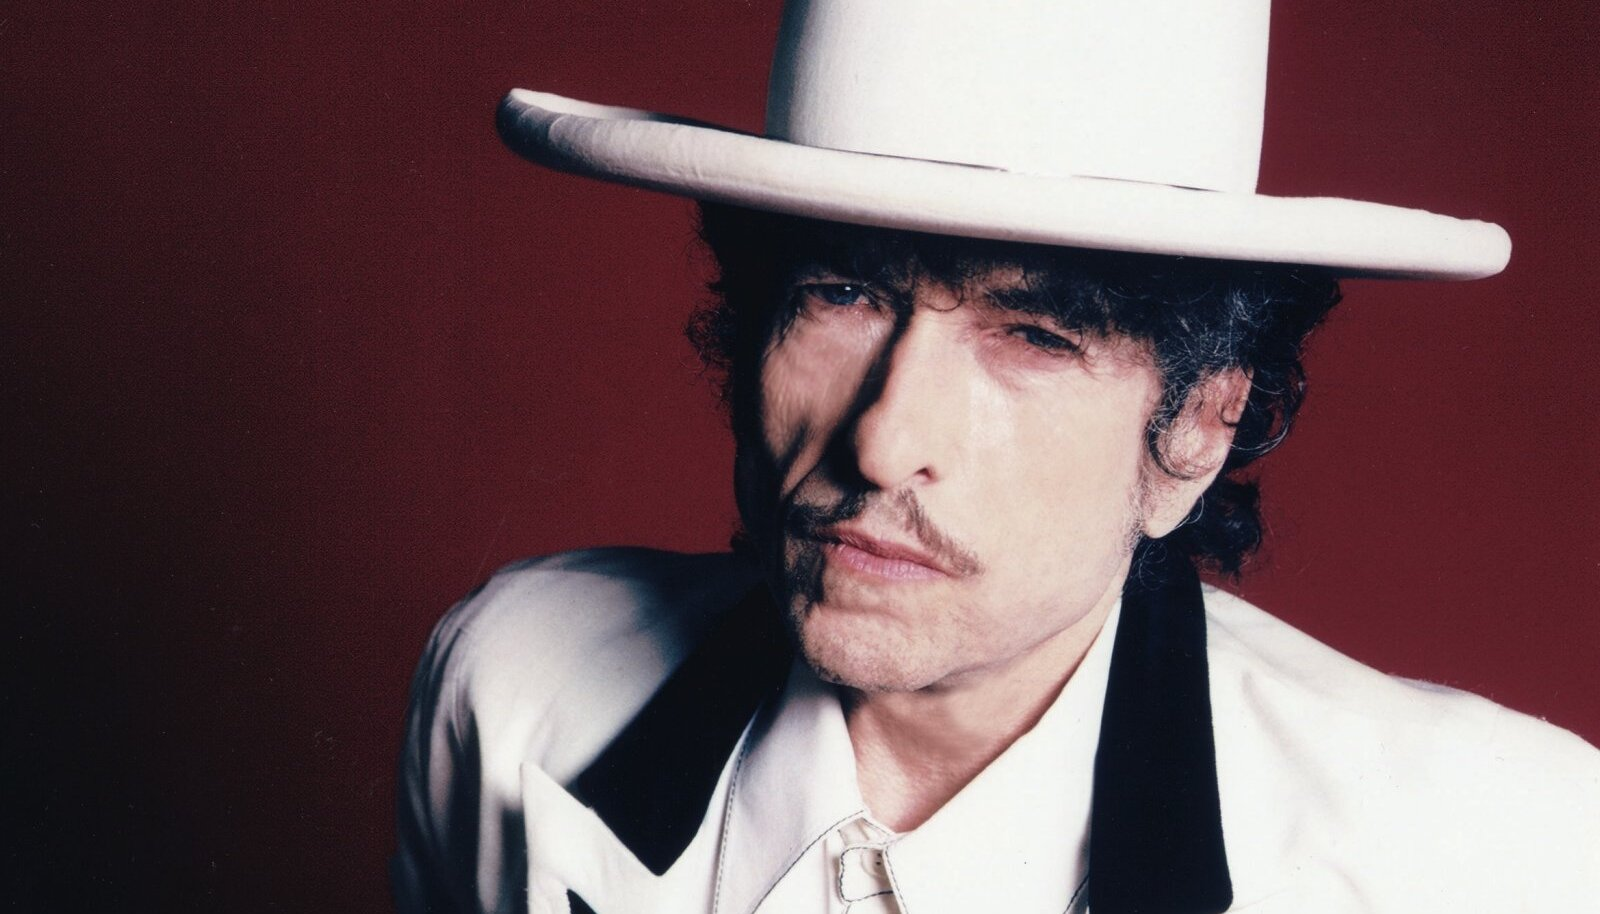 REKORDILINE MÜÜK: Bob Dylan müüs Universal Music Groupile oma laulude kogu kataloogi, saades selle eest 400 miljonit dollarit.